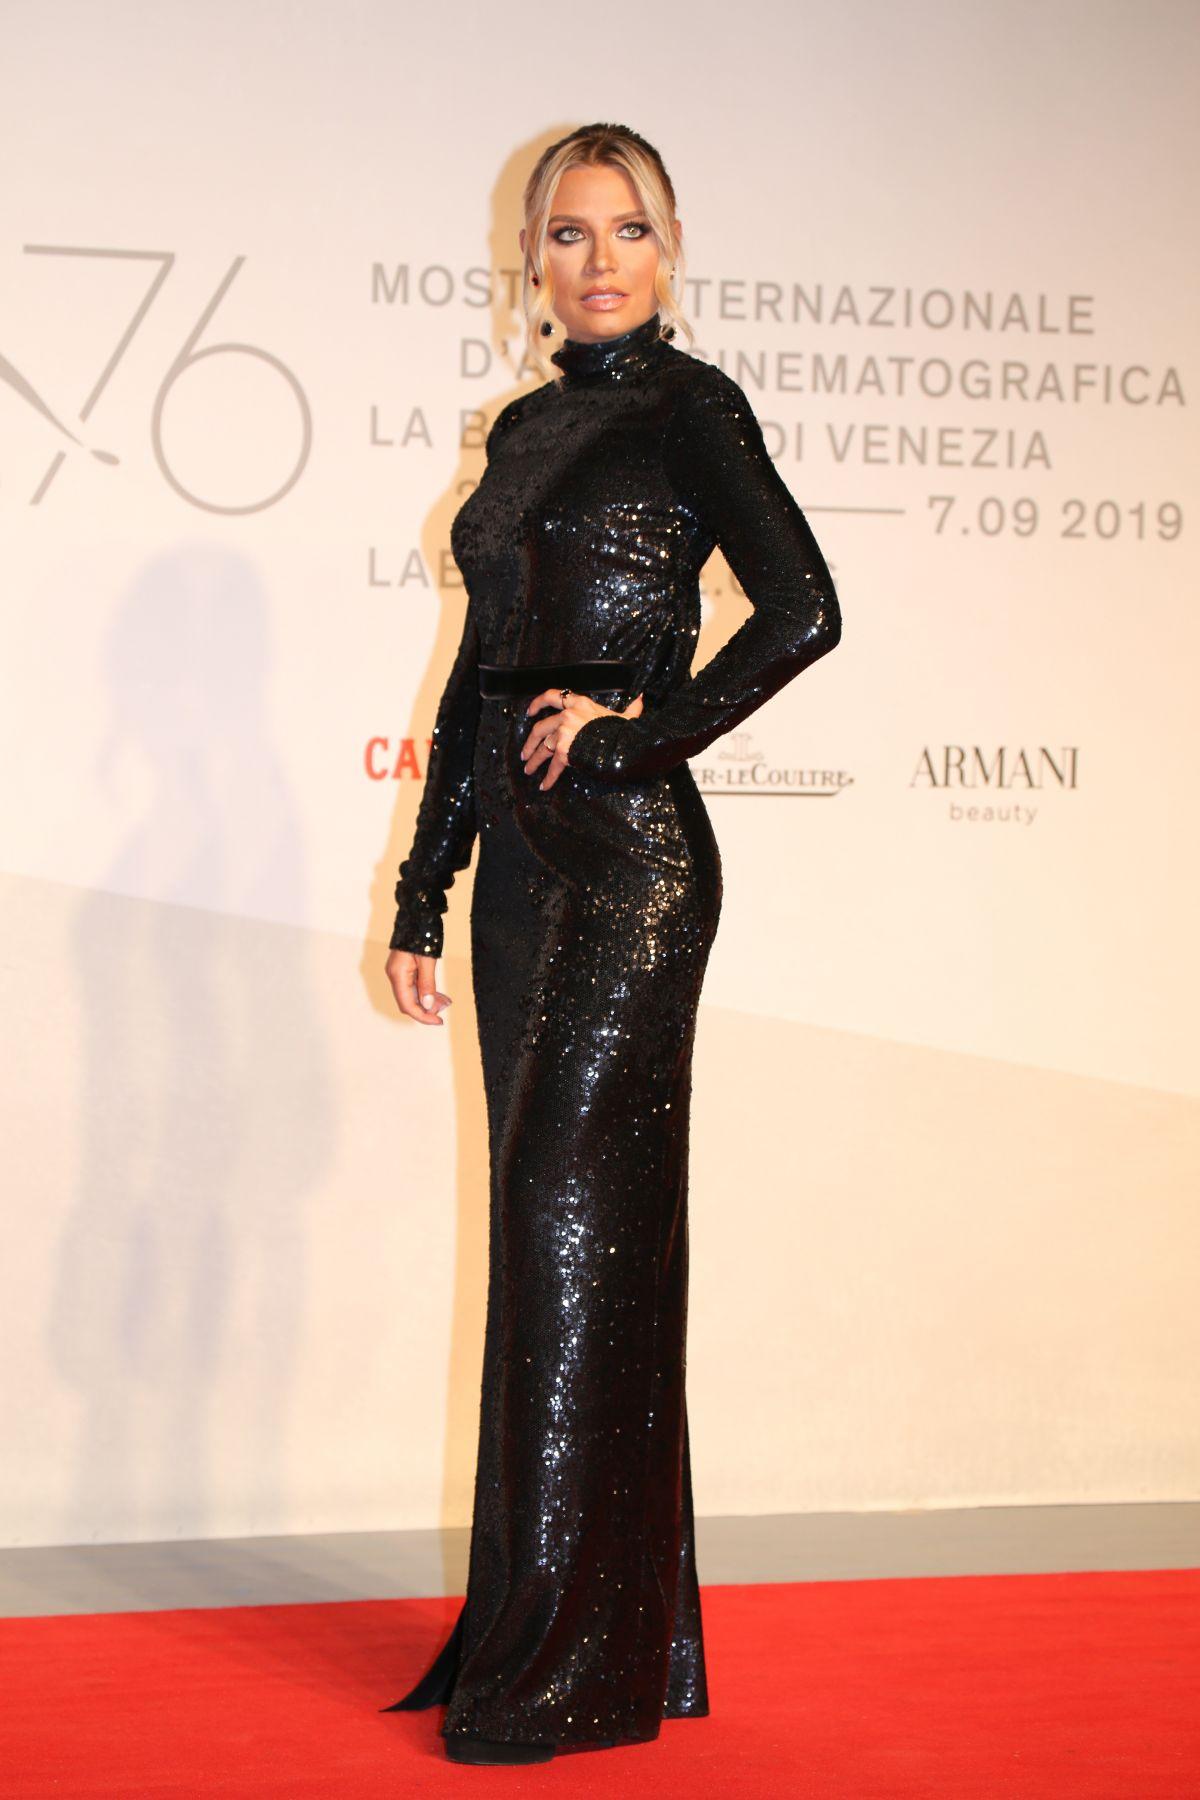 Veronica Film 2019